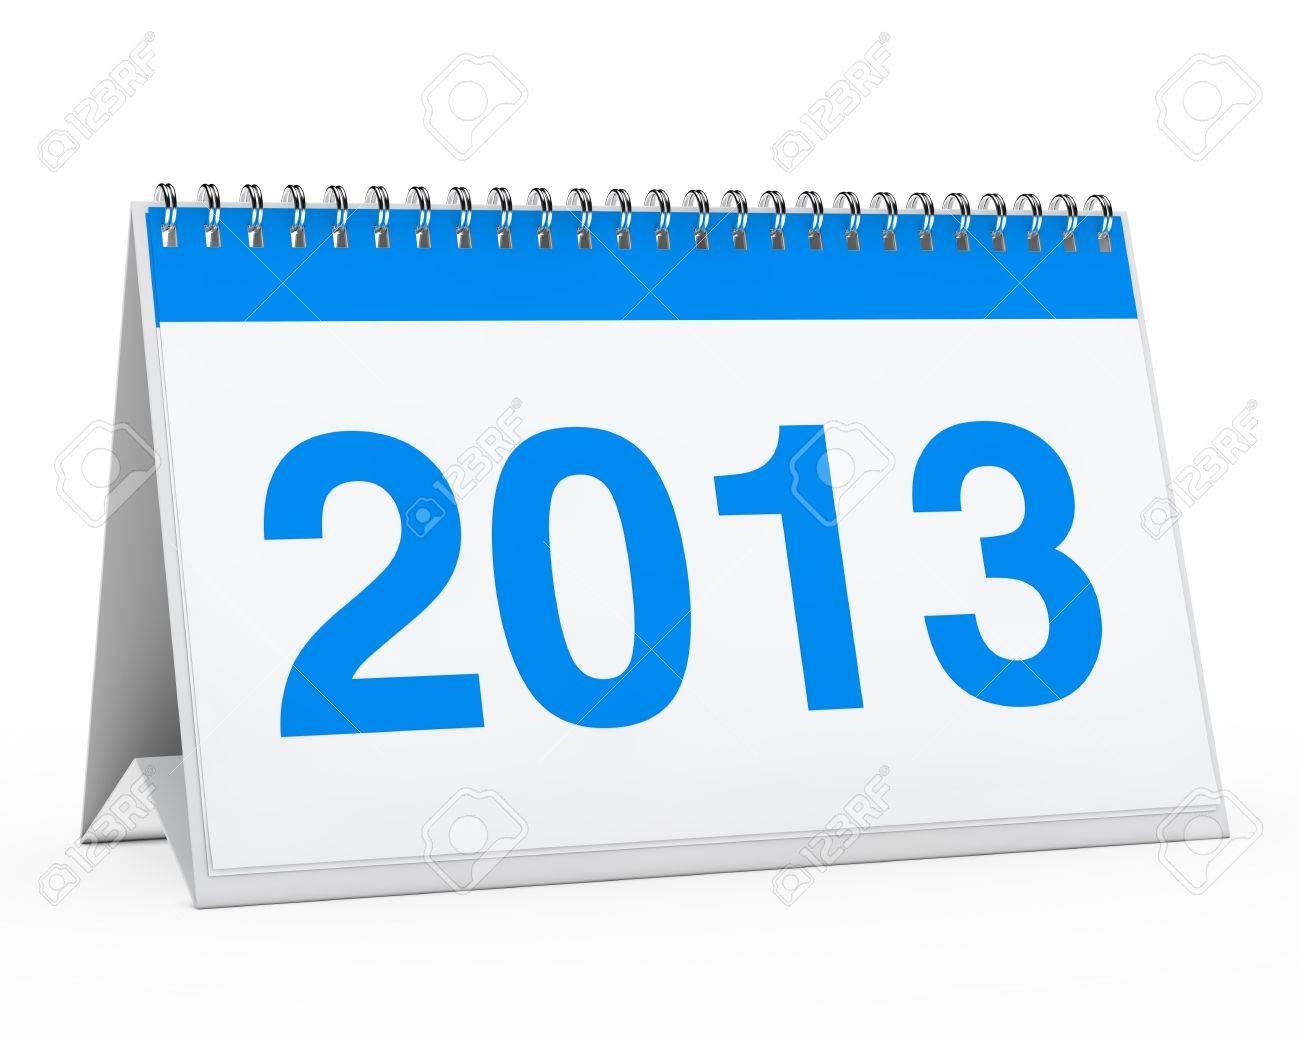 calendario del año 2013 color azul sobre fondo blanco Foto de archivo - 13129070